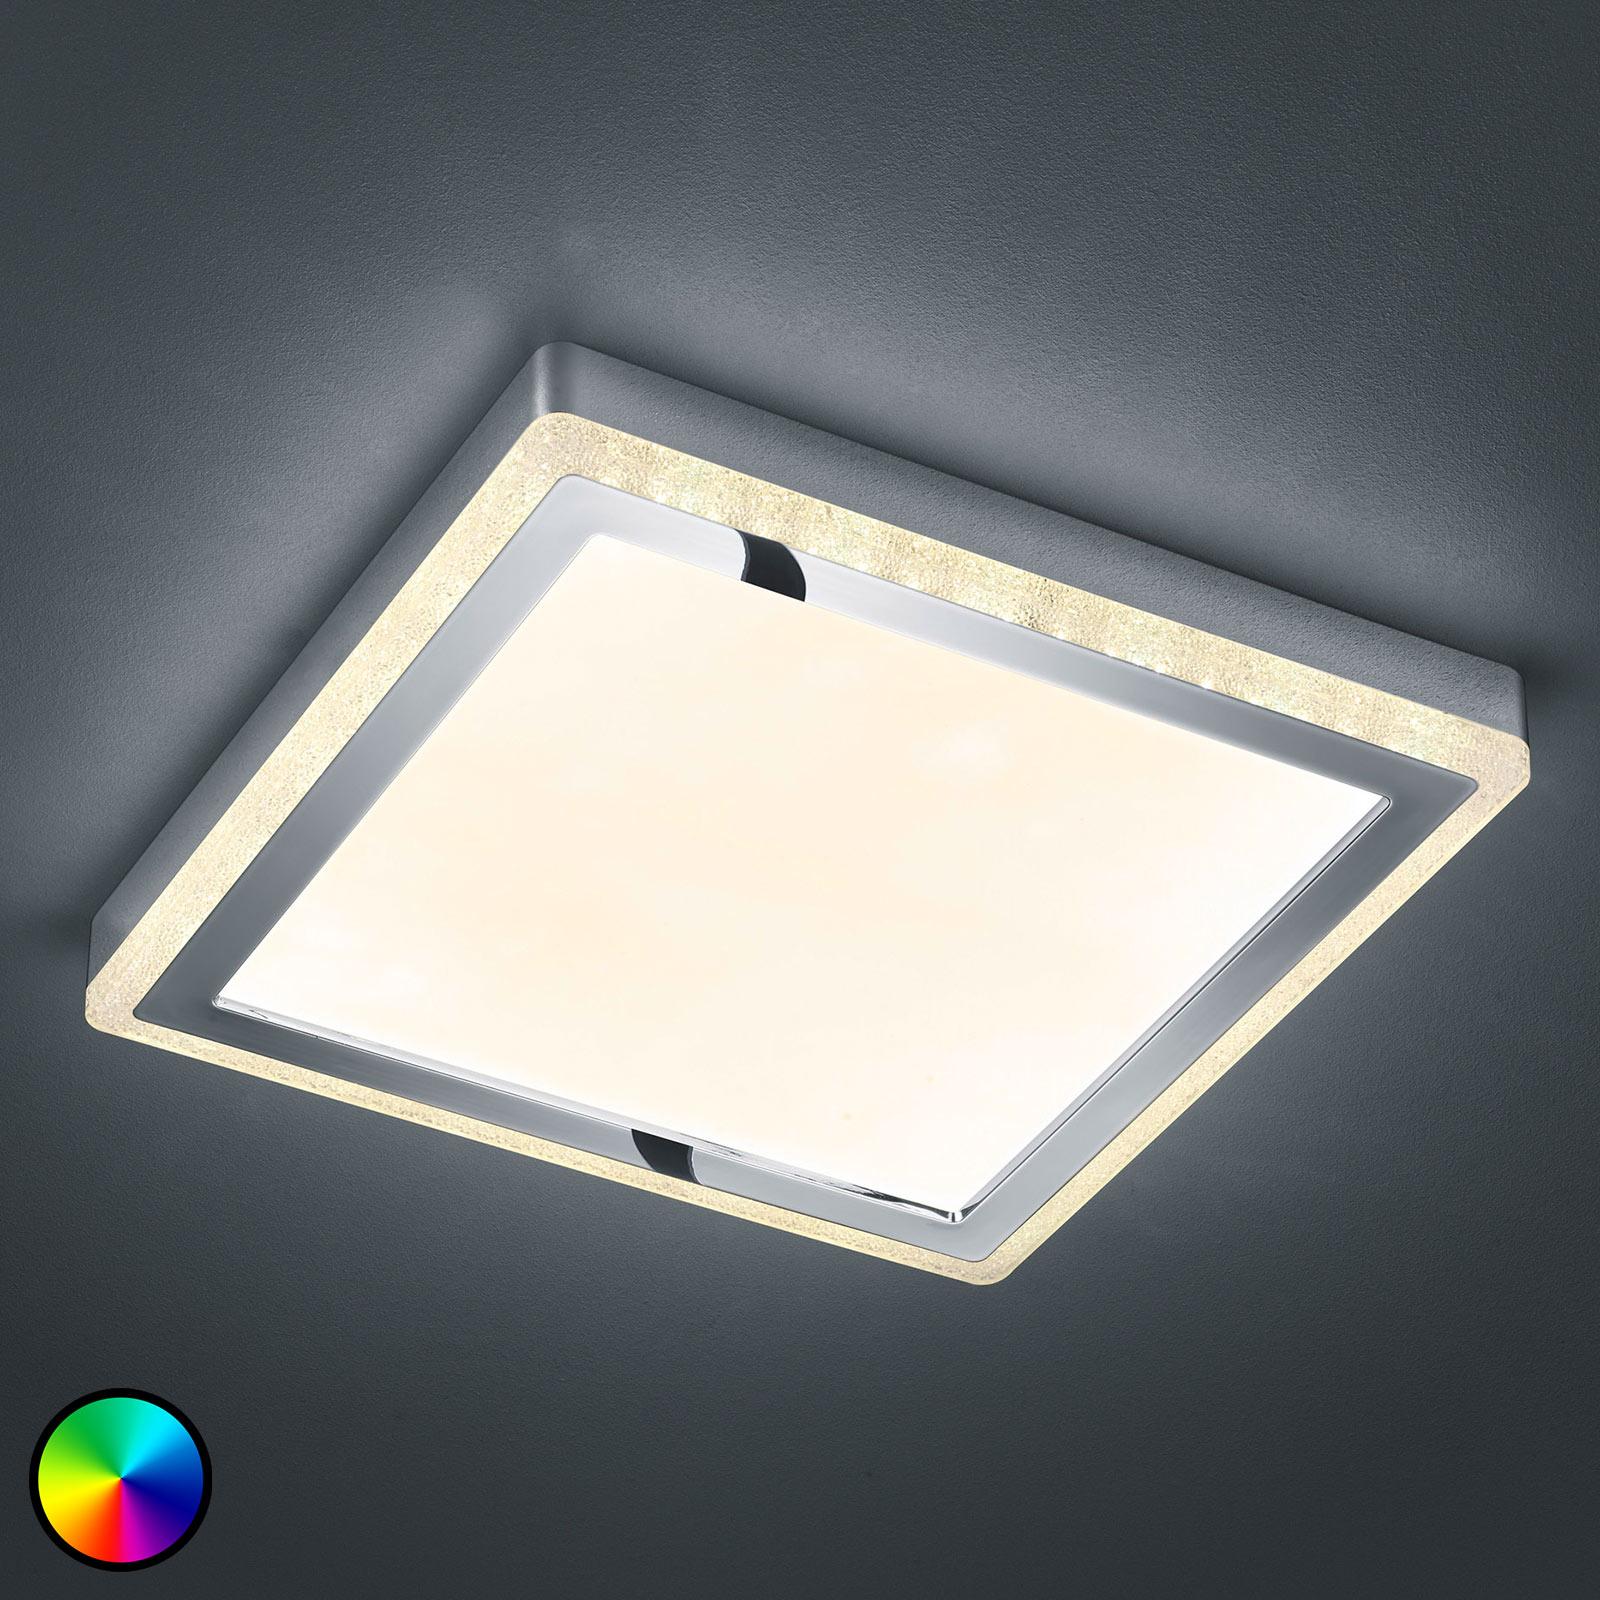 LED-taklampe Slide, hvit, kantet 40x40 cm